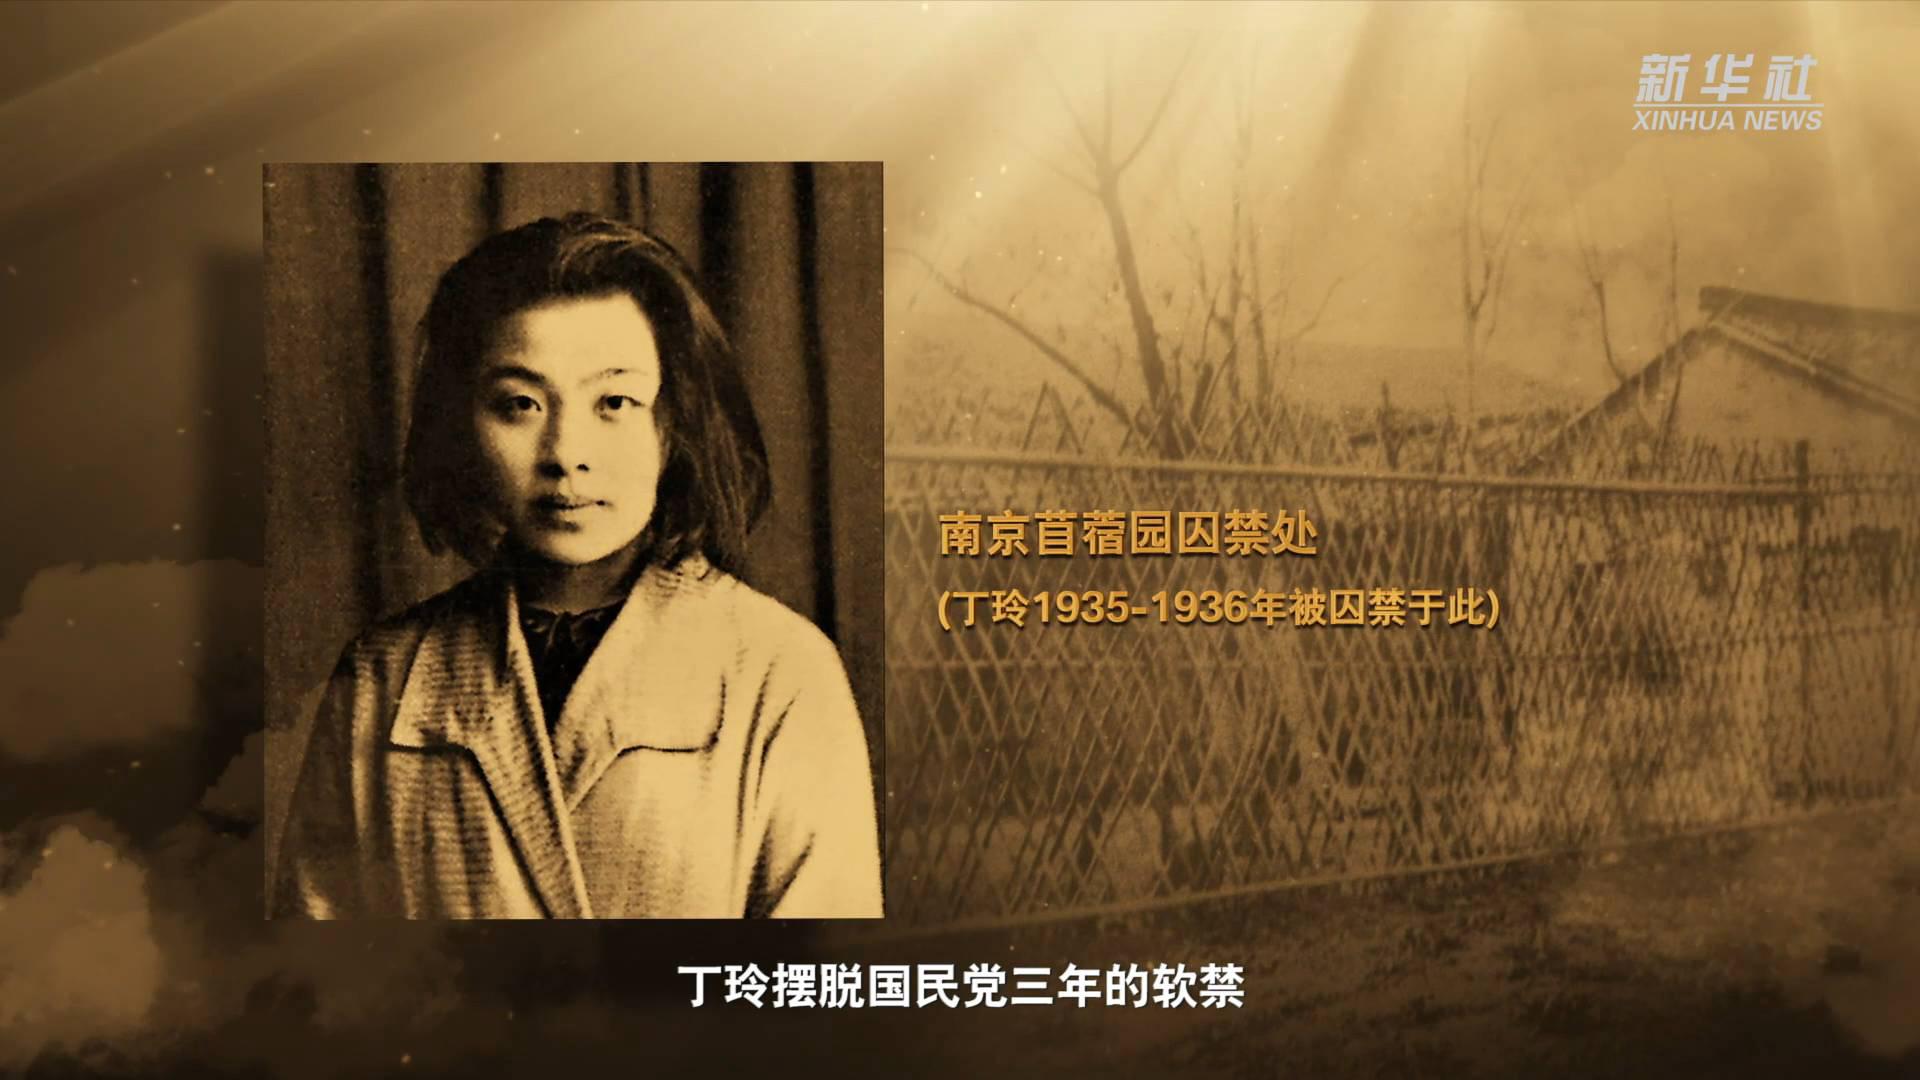 新华全媒+ 红色印记·讲不完的延安⑫ 昨天文小姐 今日武将军